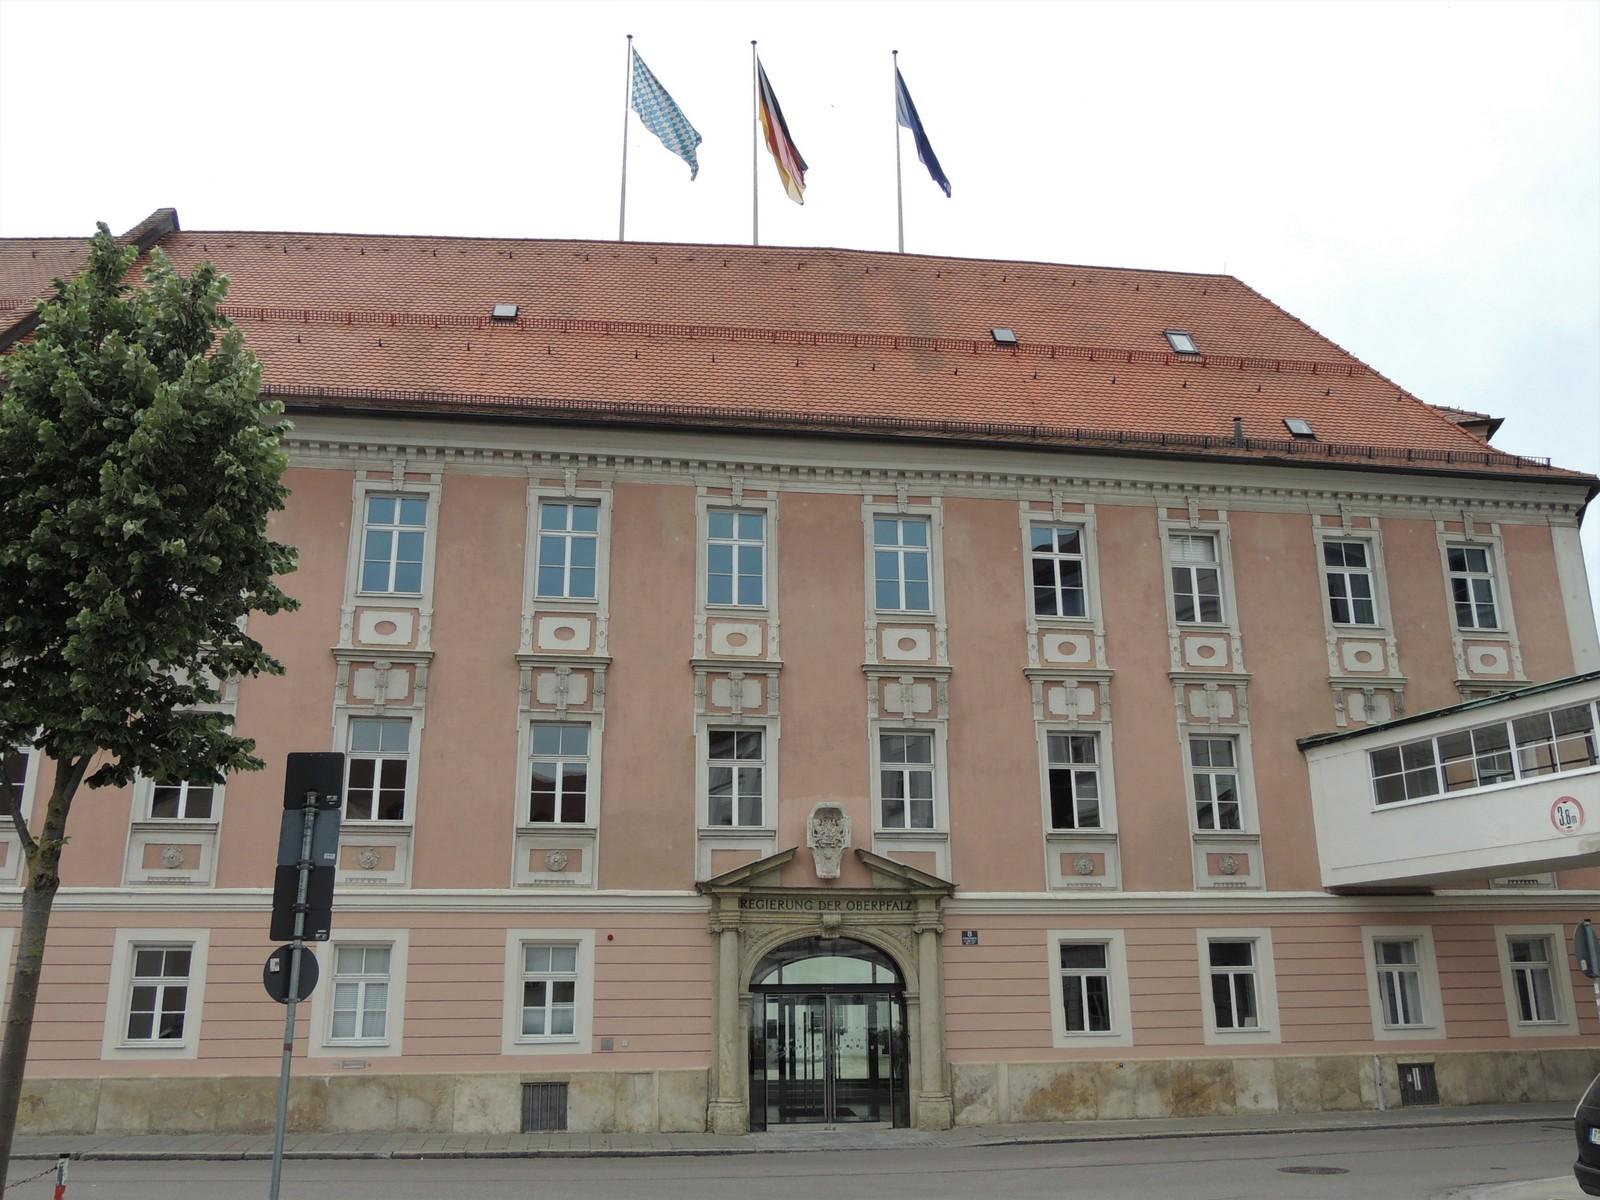 Regensburg - Regierung der Oberpfalz